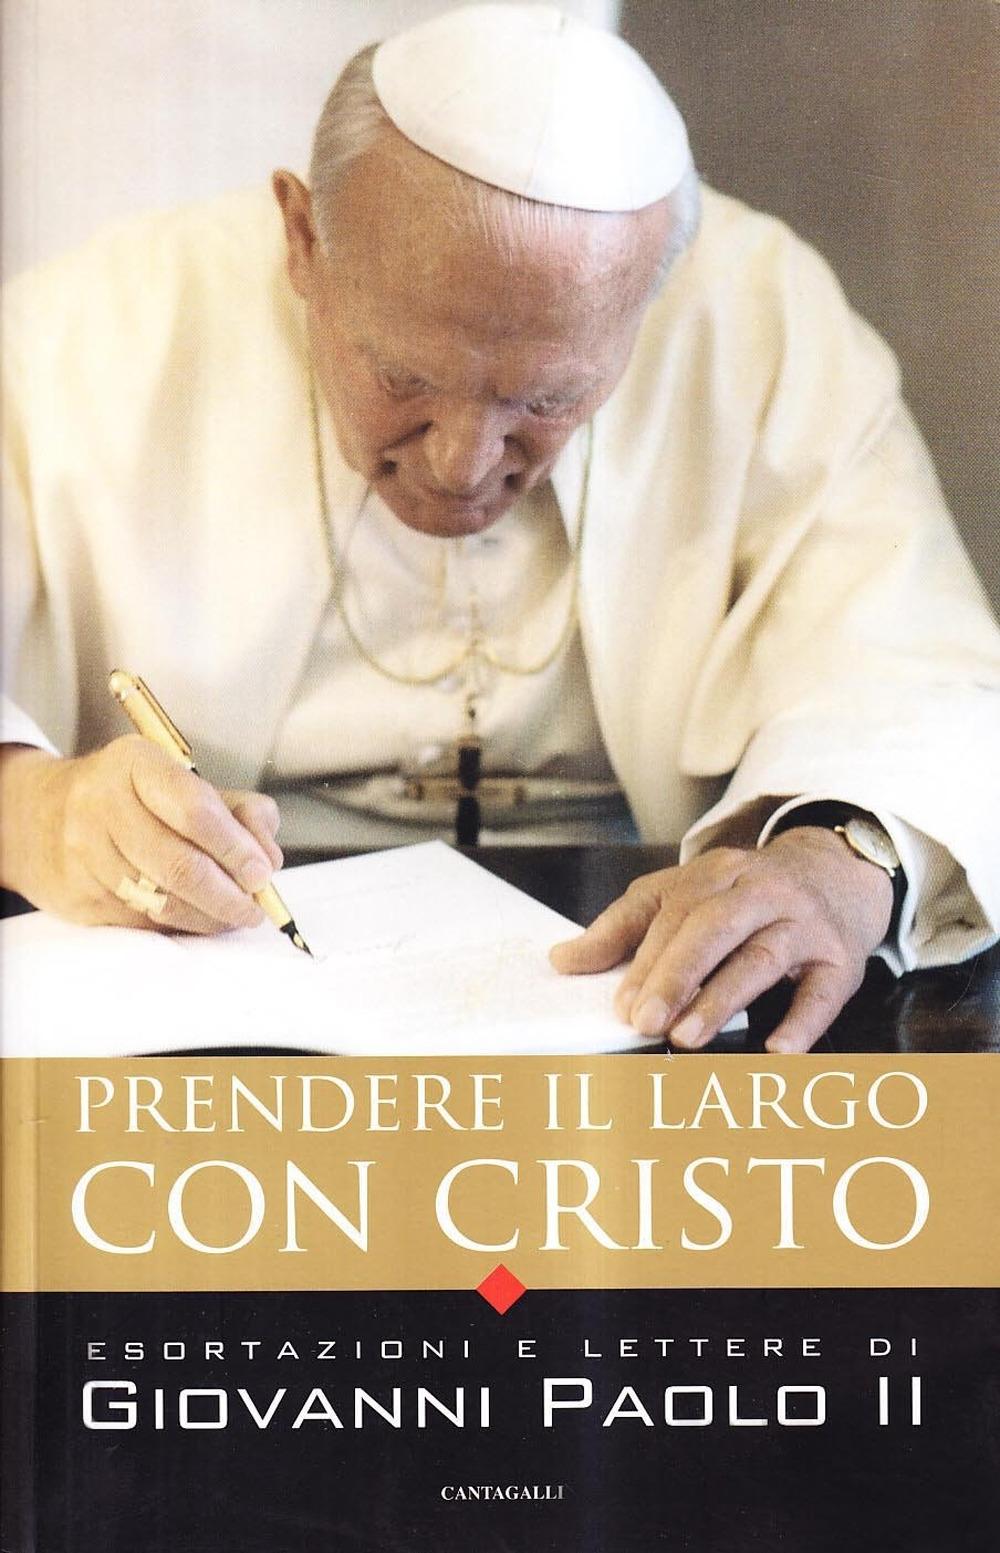 Prendere il largo con Cristo. Esortazioni e lettere di Giovanni Paolo II